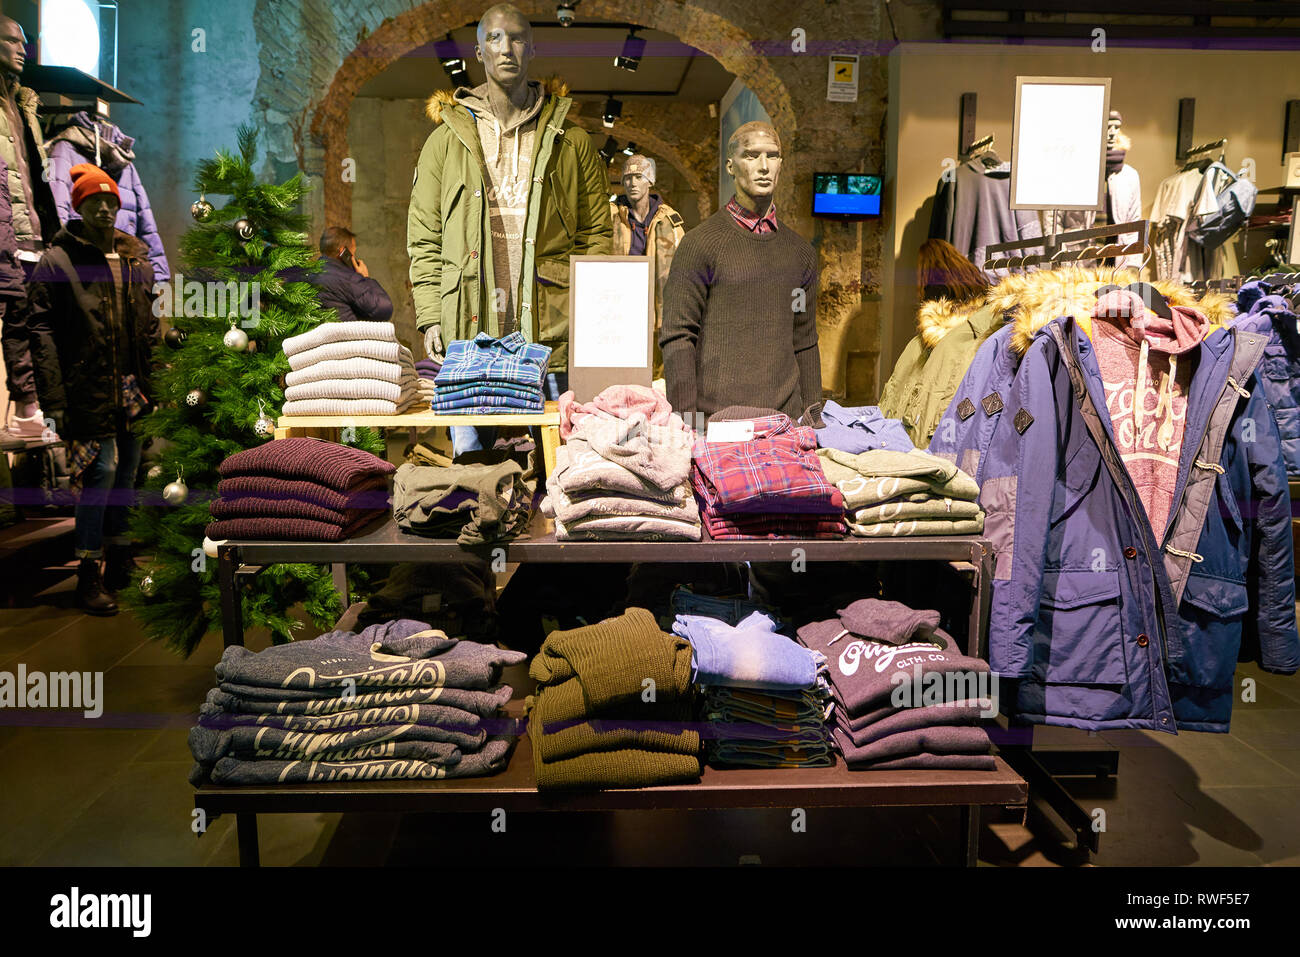 Sorpassare Modernizzazione sistematico  ROME, ITALY - CIRCA NOVEMBER, 2017: interior shot of a Jack & Jones store  in Rome Stock Photo - Alamy